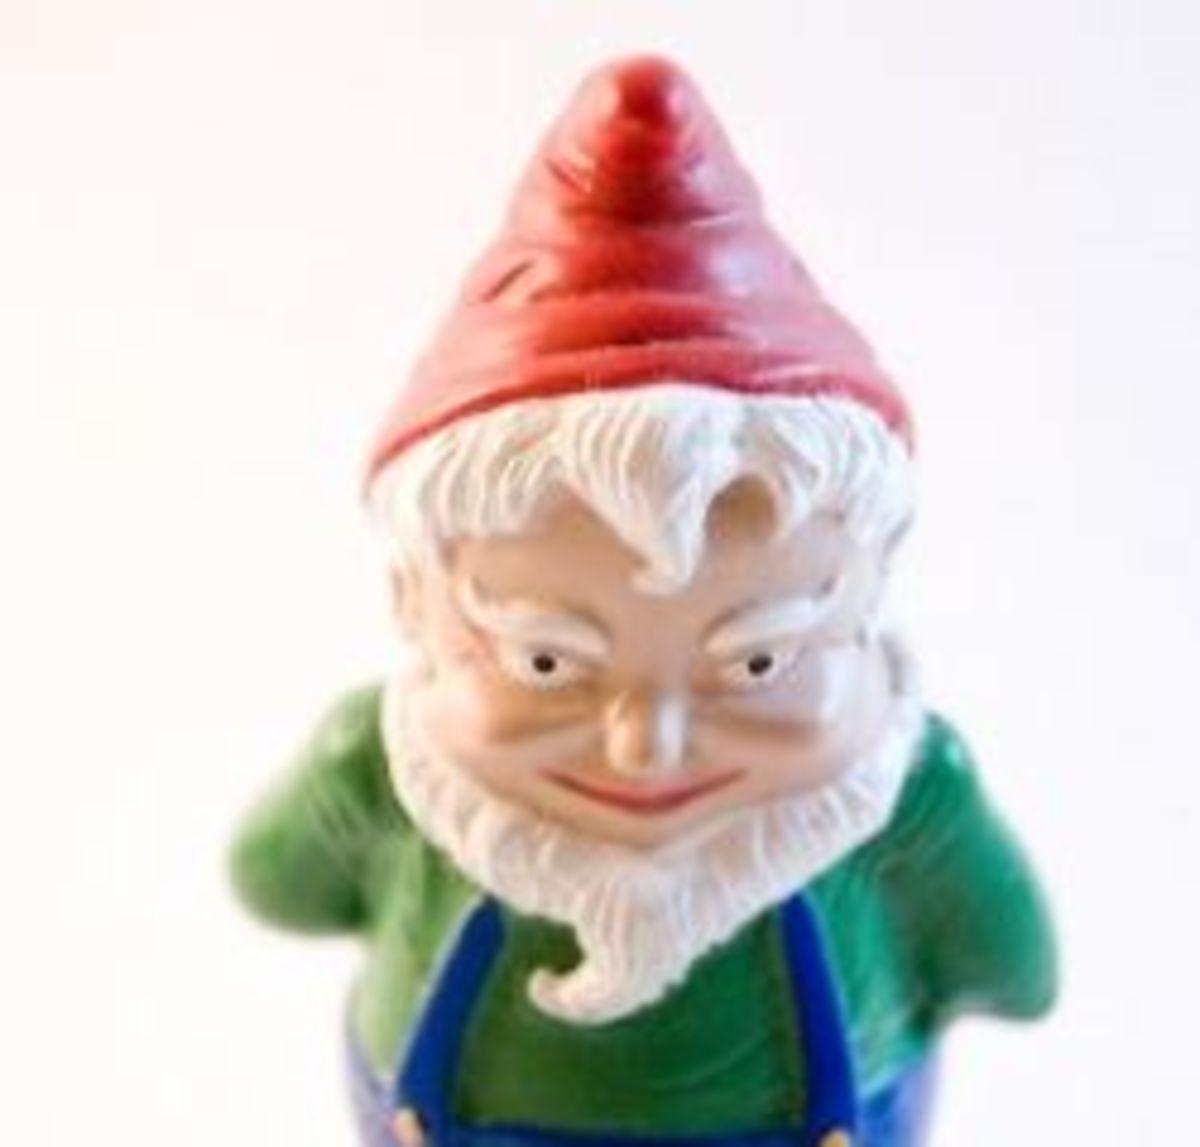 Garden Gnomes Are Evil!